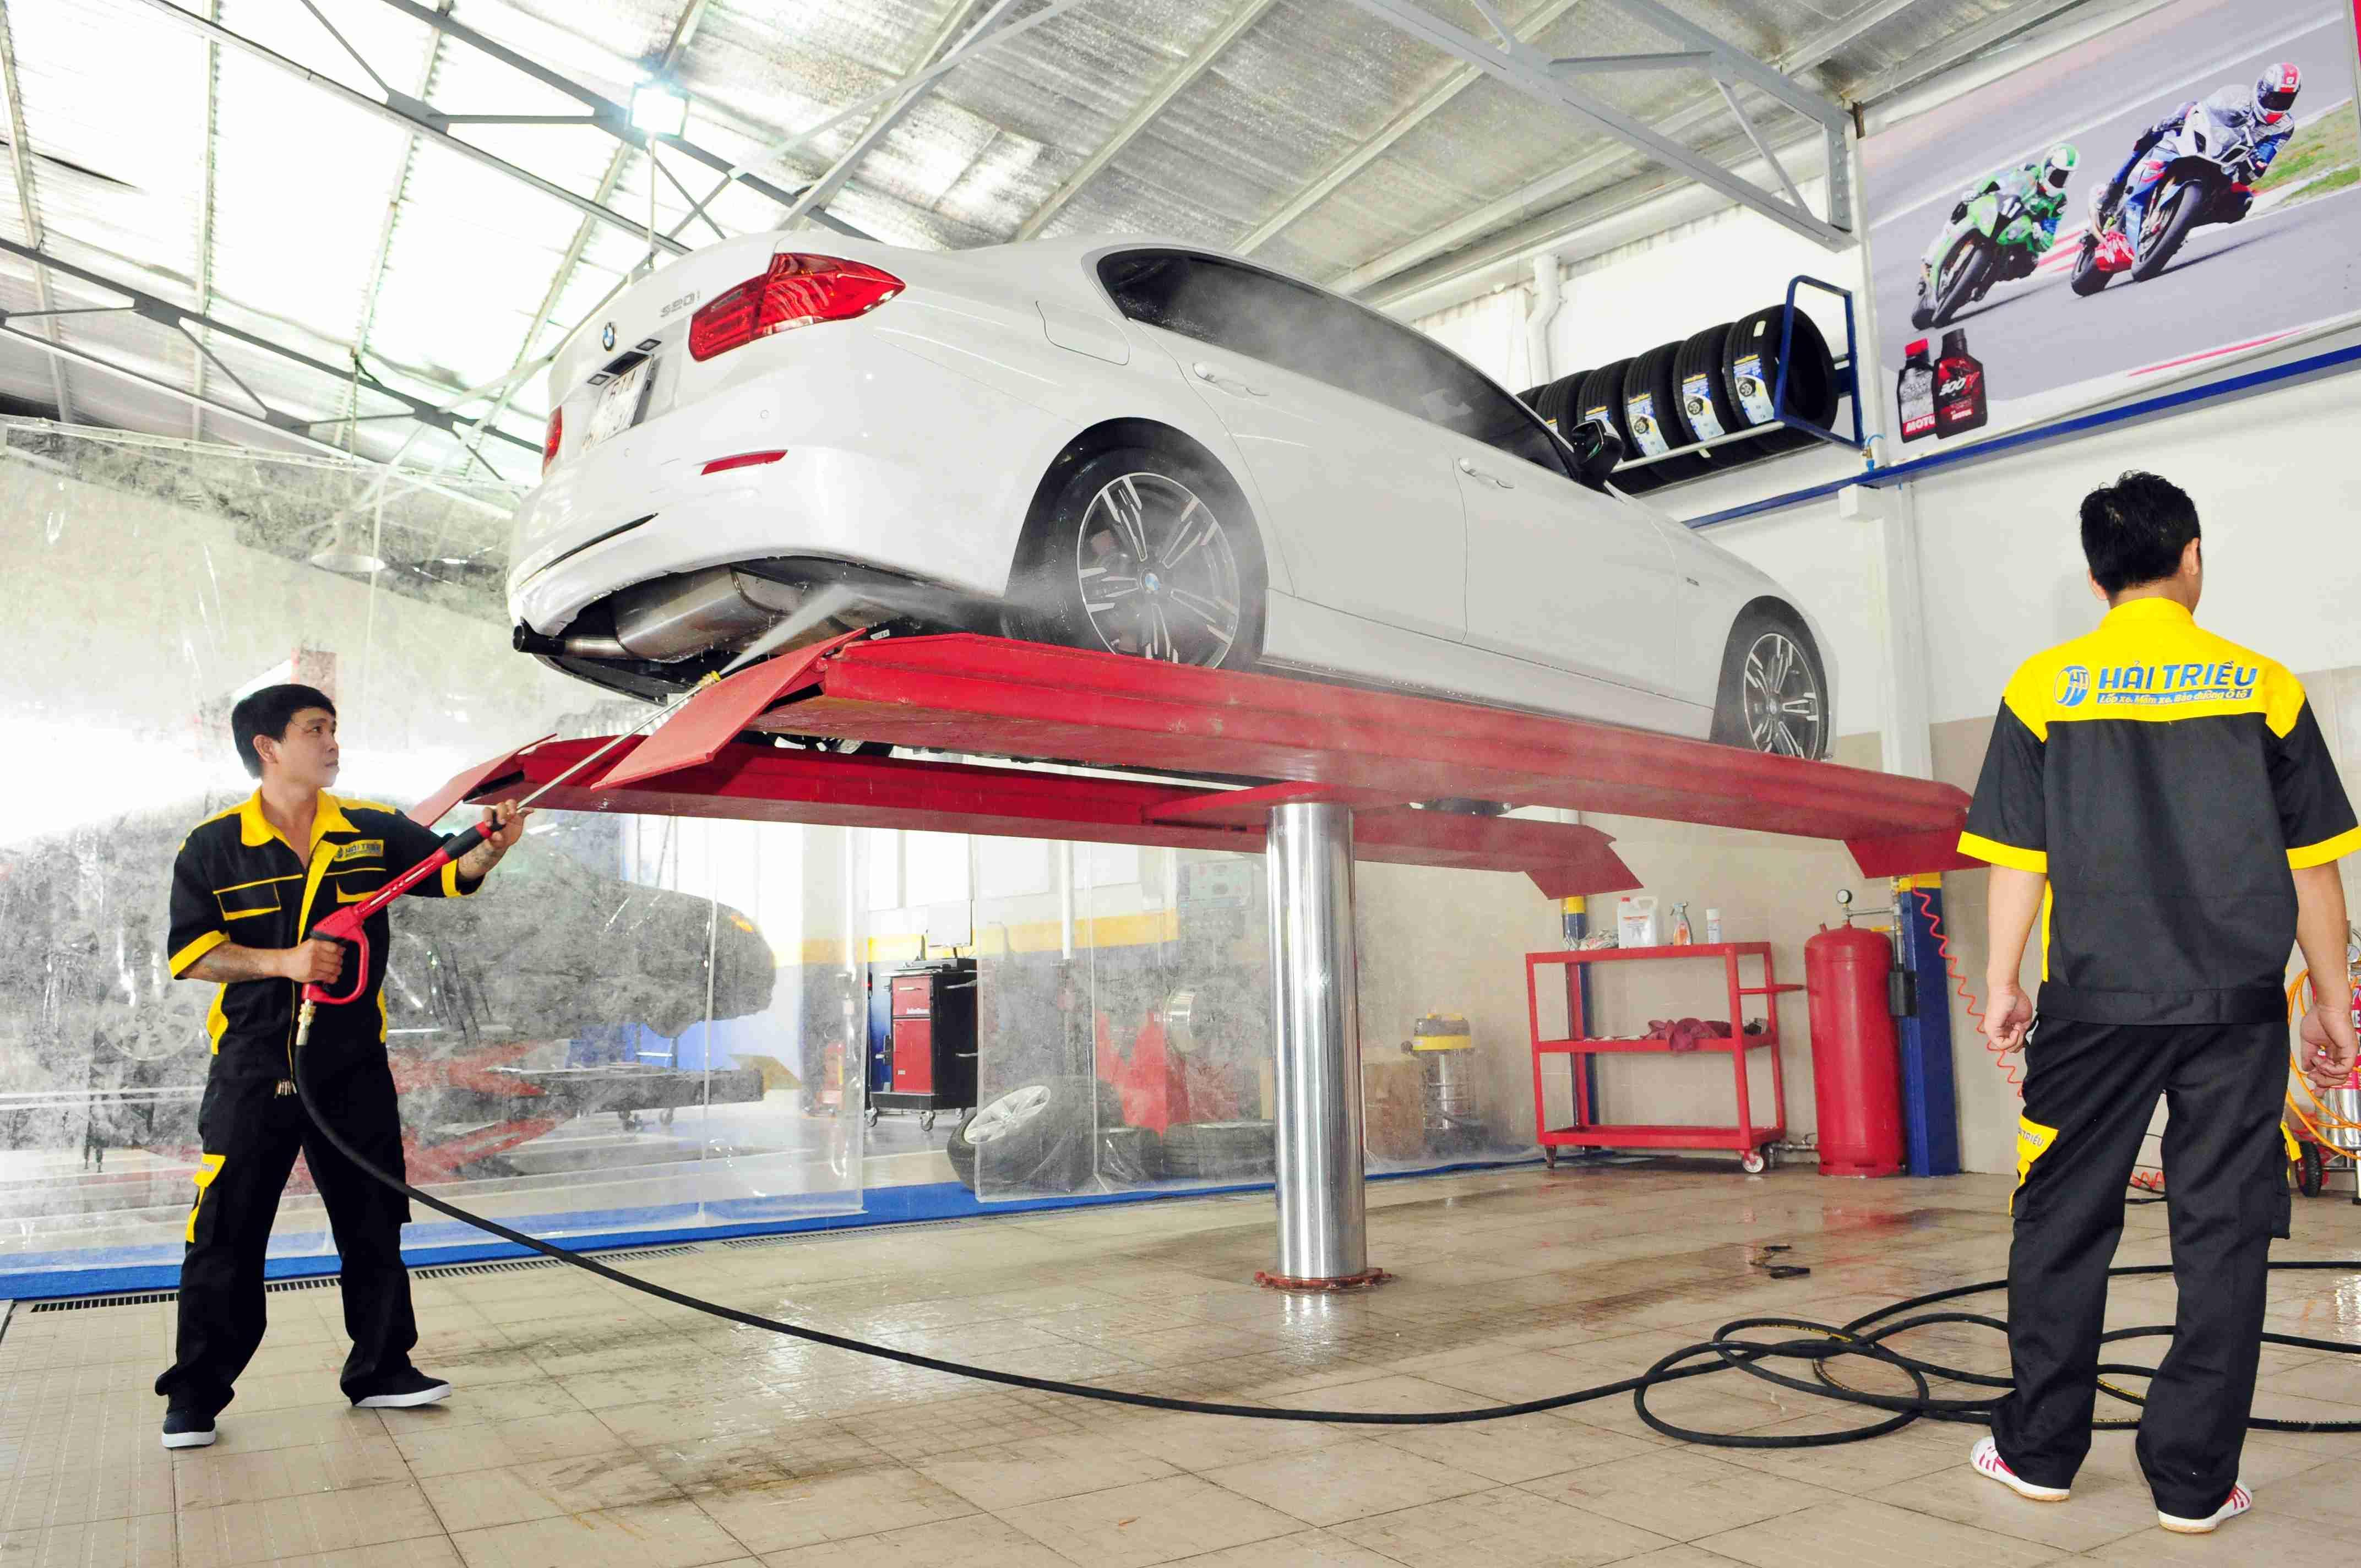 Dịch vụ rửa xe chăm sóc xe hơi thông minh